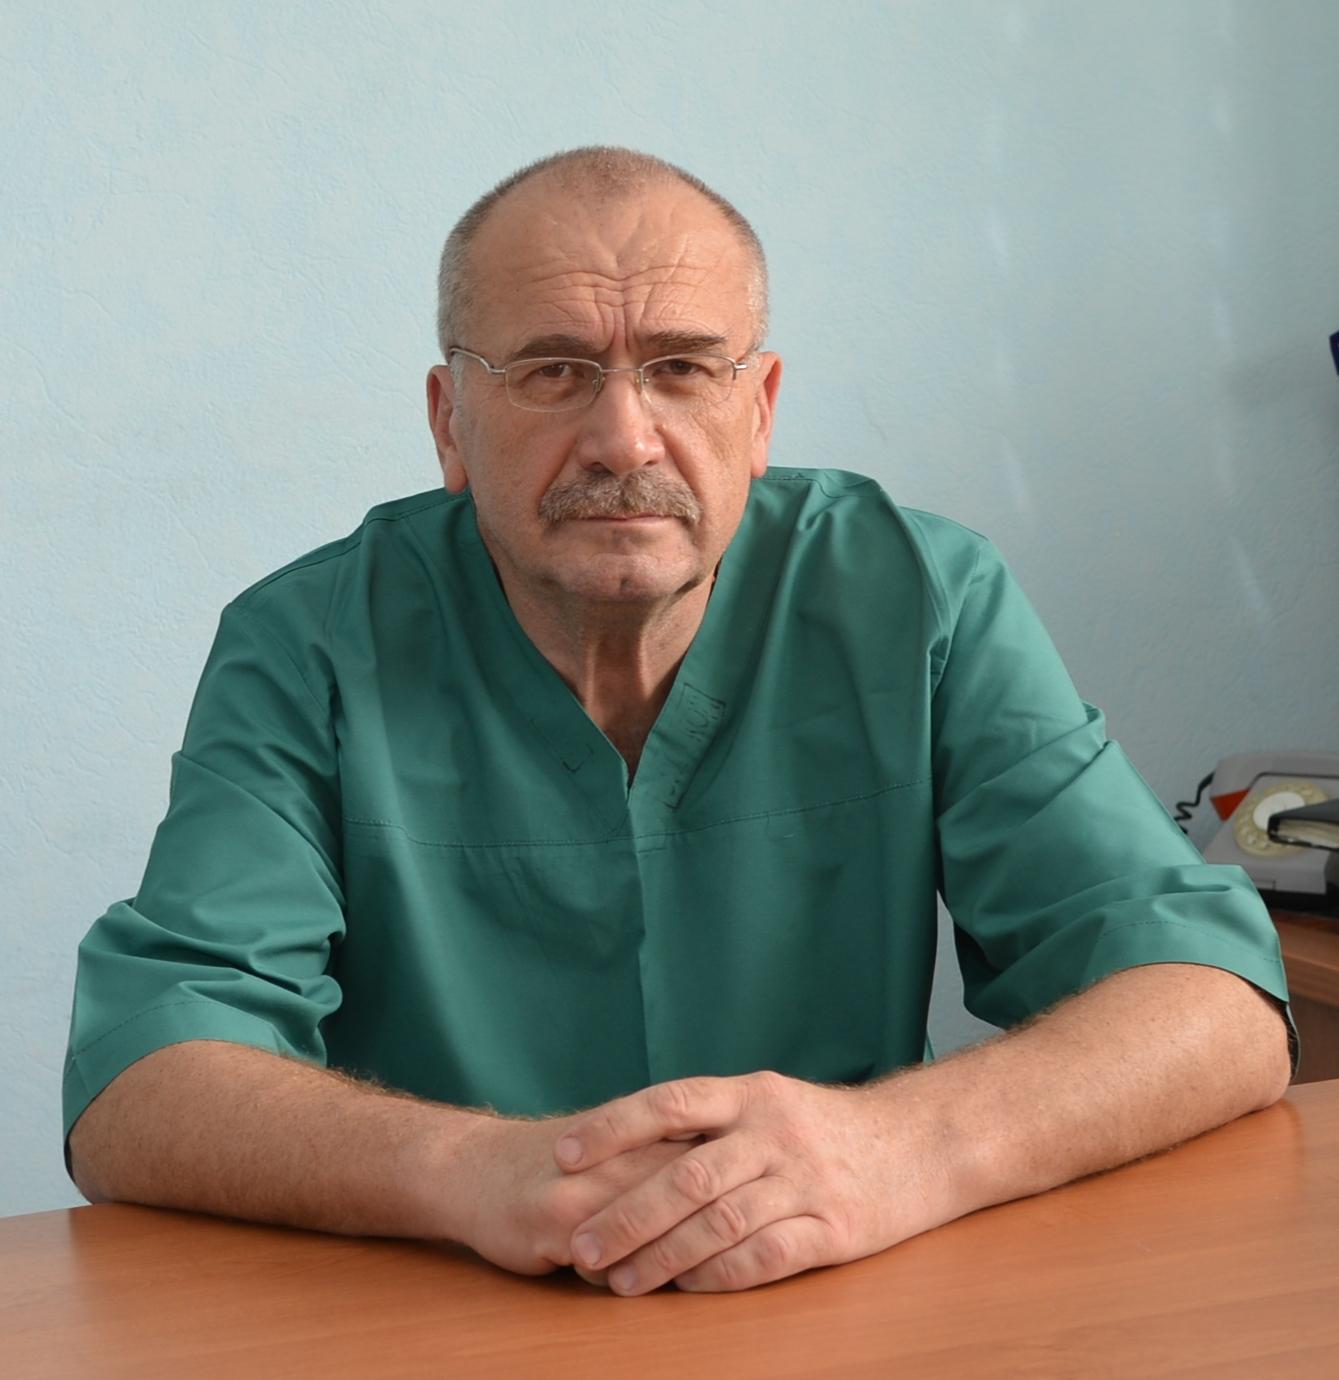 Работа врача акушер гинеколога